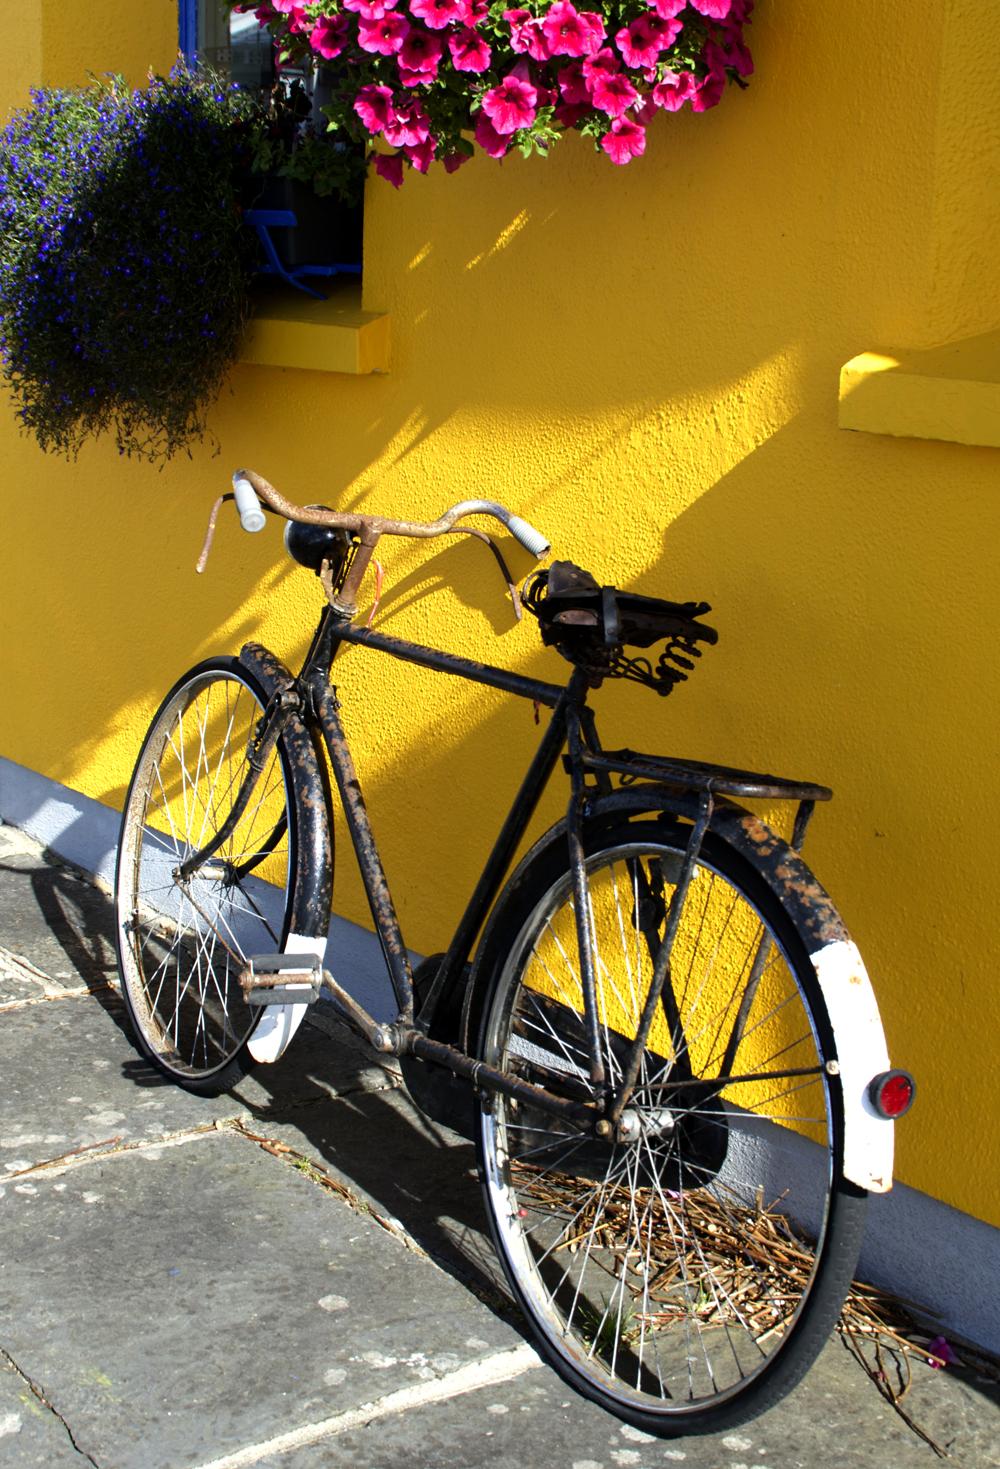 Brim Coffee Maker Not Working : Visit to Ceardlann Craft Village Spiddal